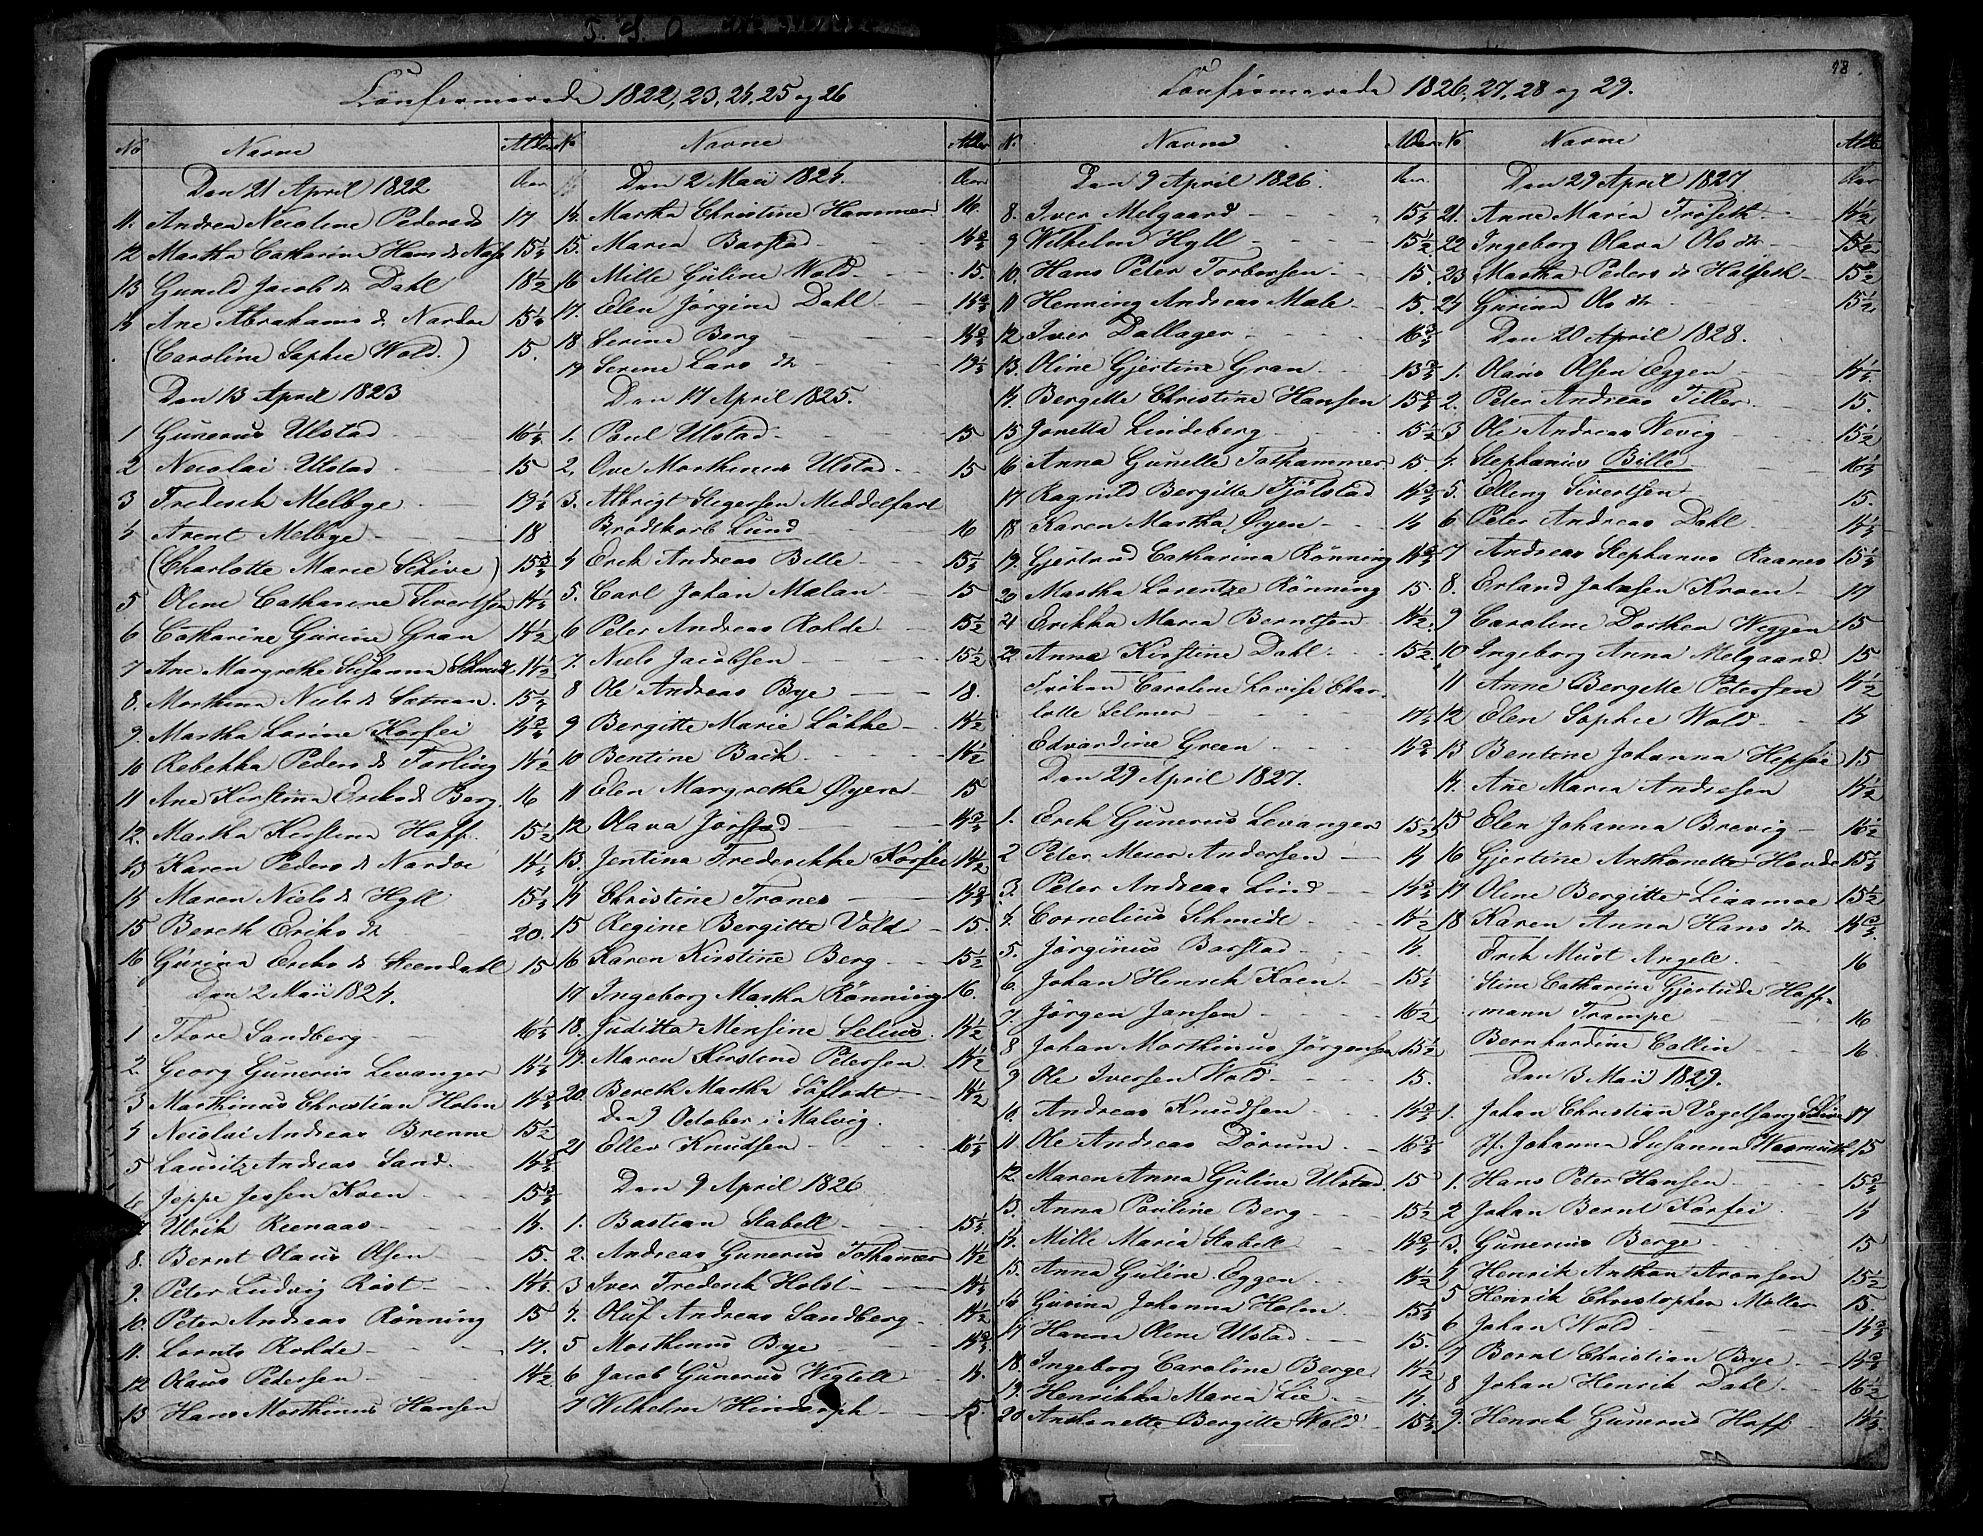 SAT, Ministerialprotokoller, klokkerbøker og fødselsregistre - Sør-Trøndelag, 604/L0182: Ministerialbok nr. 604A03, 1818-1850, s. 18